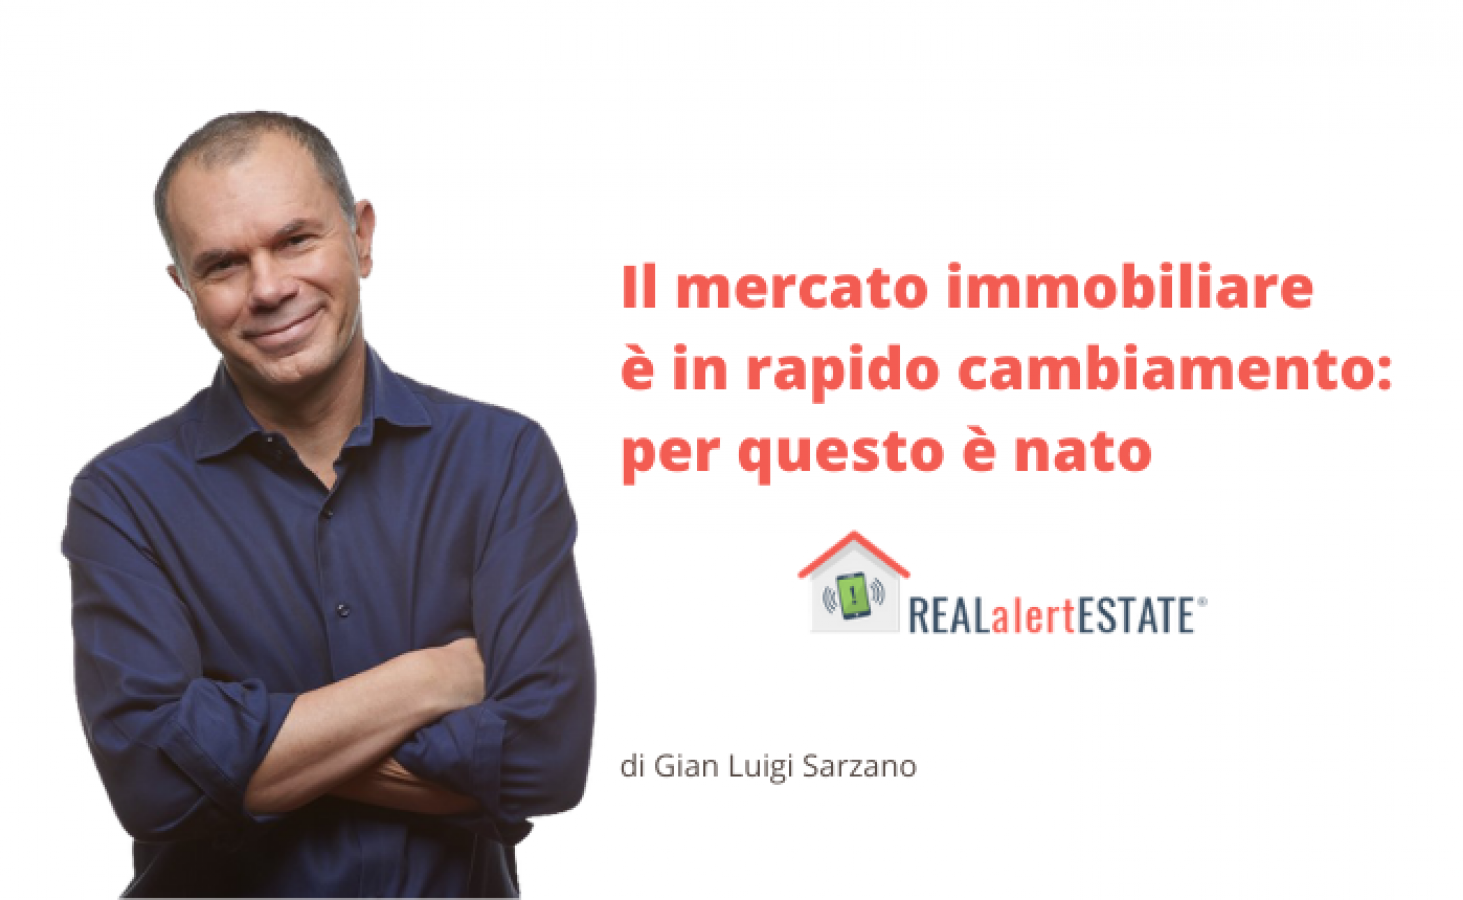 Il mercato immobiliare è in rapido cambiamento: per questo è nato REALalertESTATE